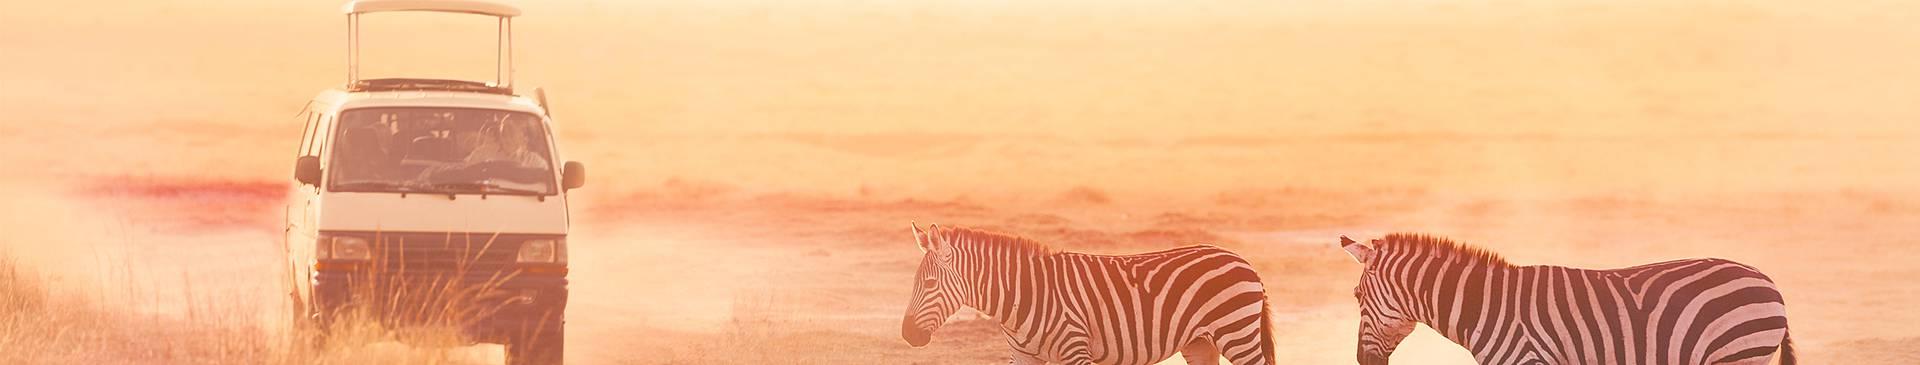 4x4 tours in Kenya